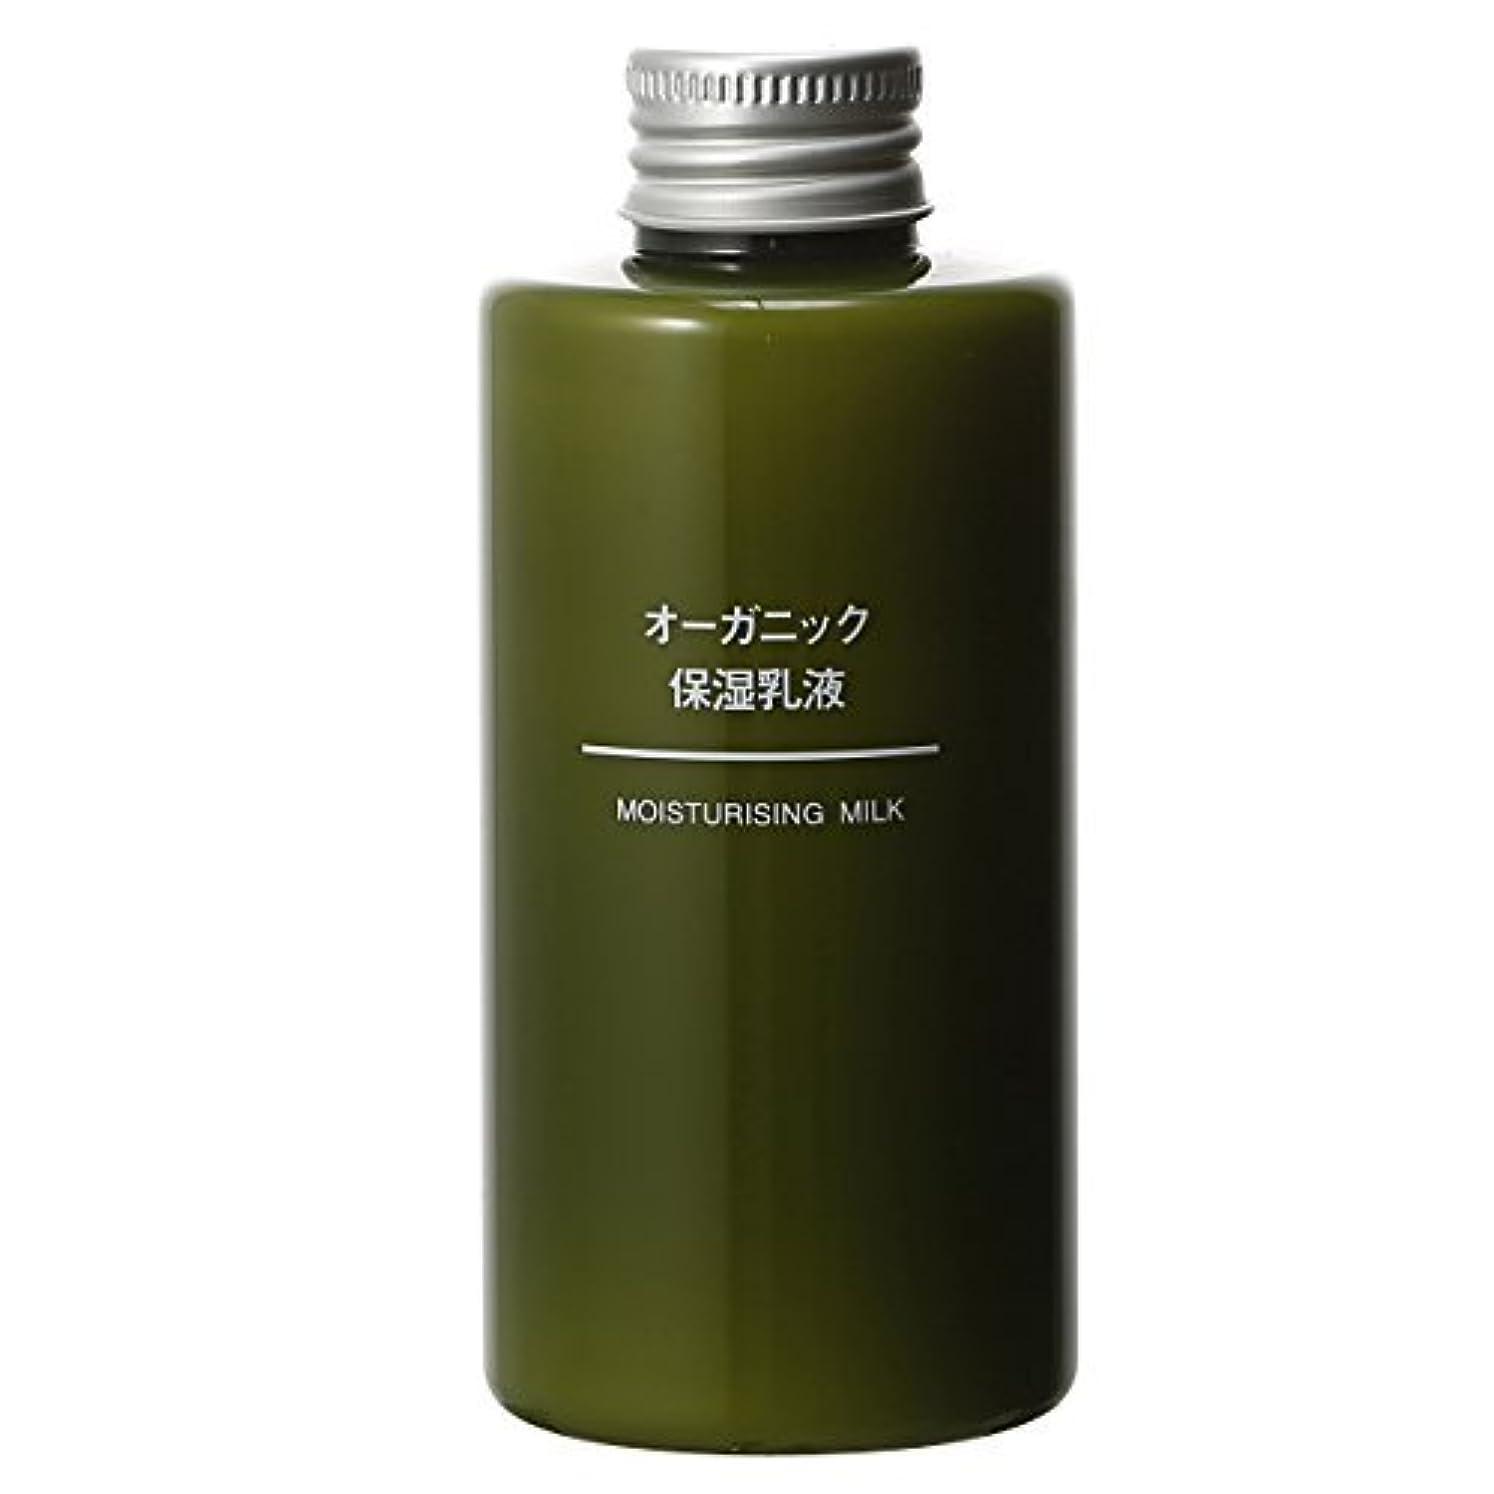 開発グリース禁止する無印良品 オーガニック保湿乳液 150ml